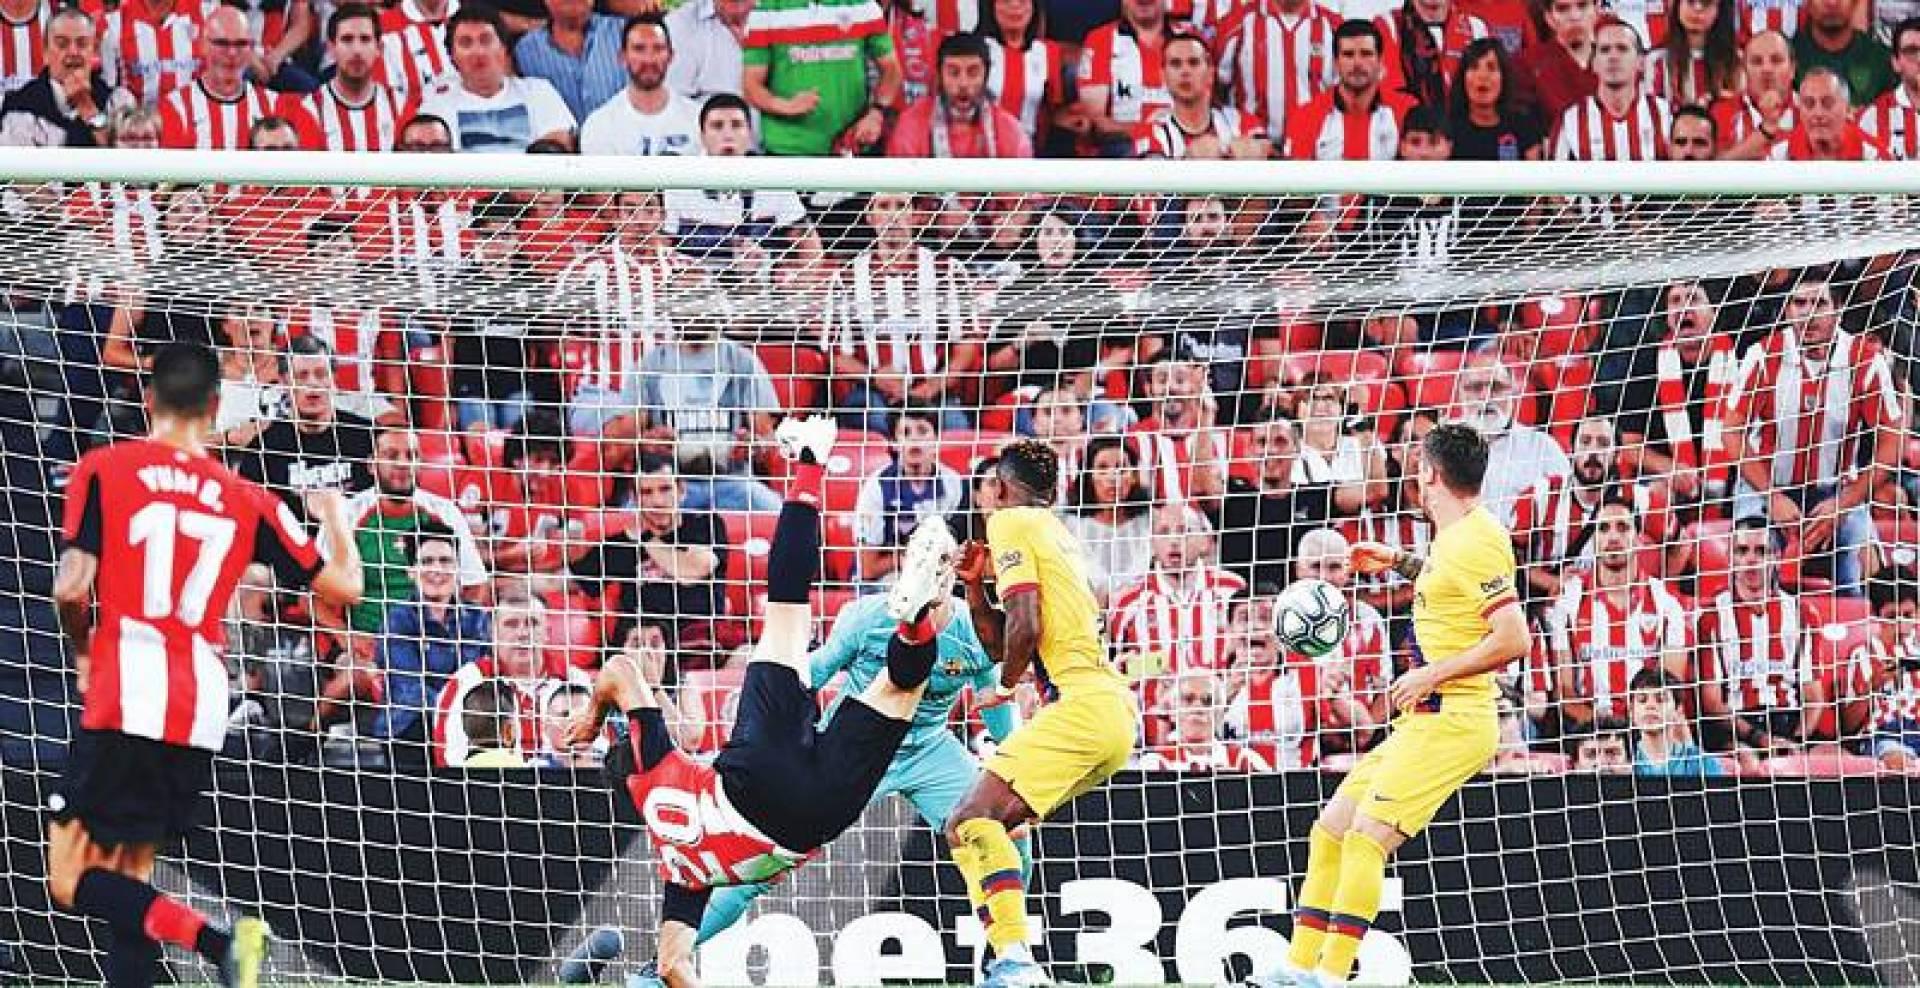 أدوريز لحظة تسجيله الهدف الرائع في مرمى برشلونة | إنترنت